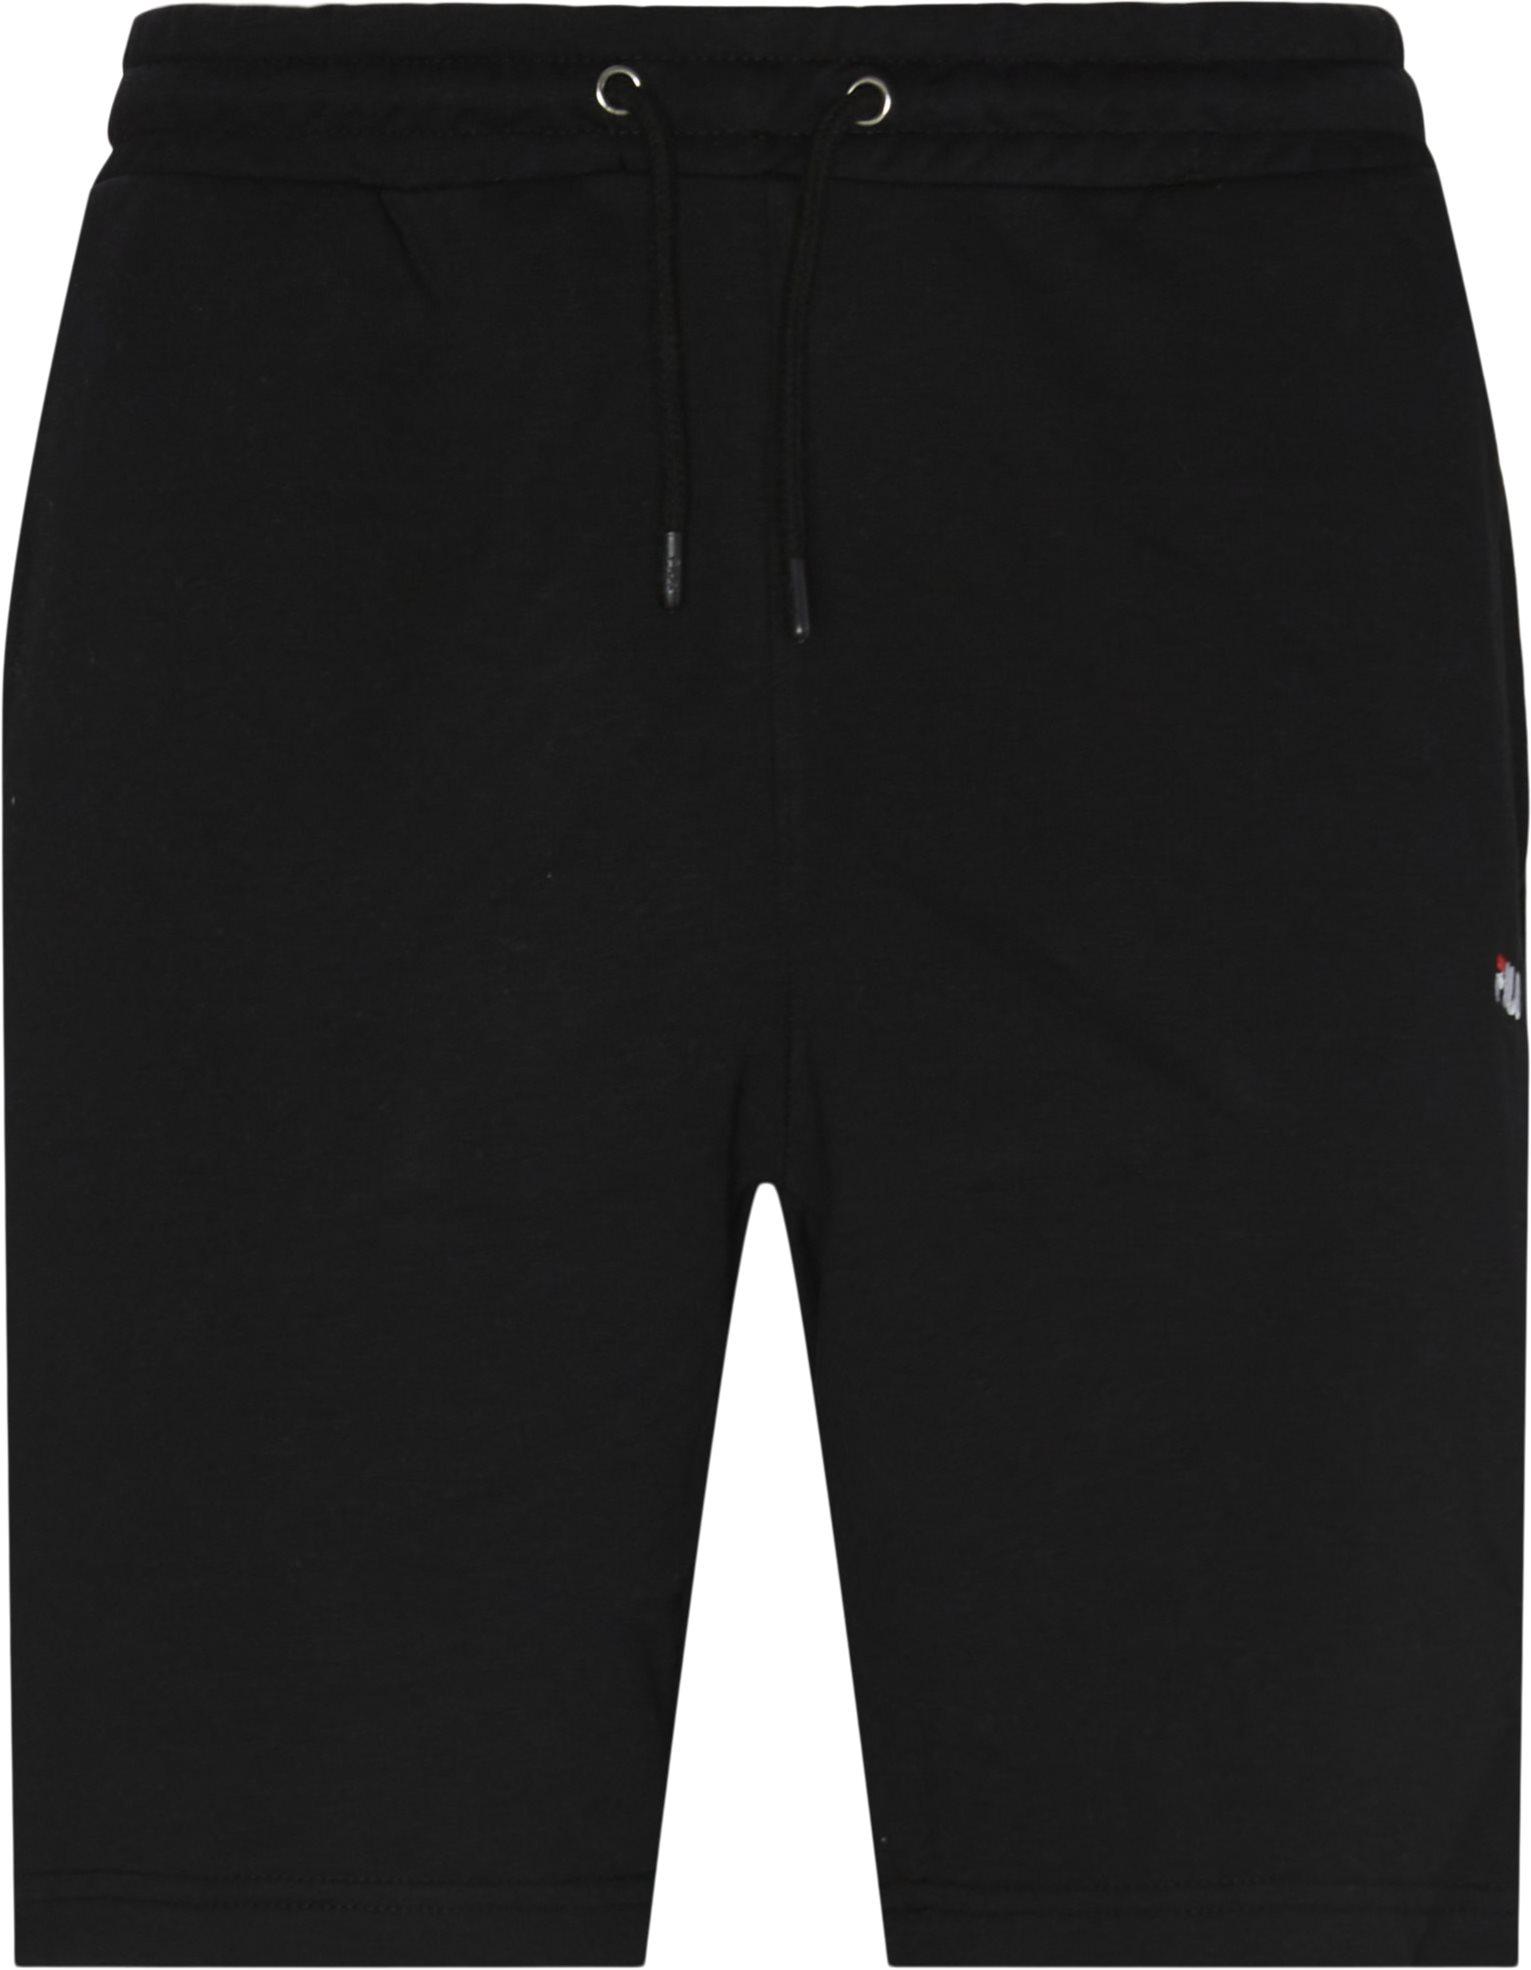 Eldon Sweatshorts - Shorts - Regular fit - Sort